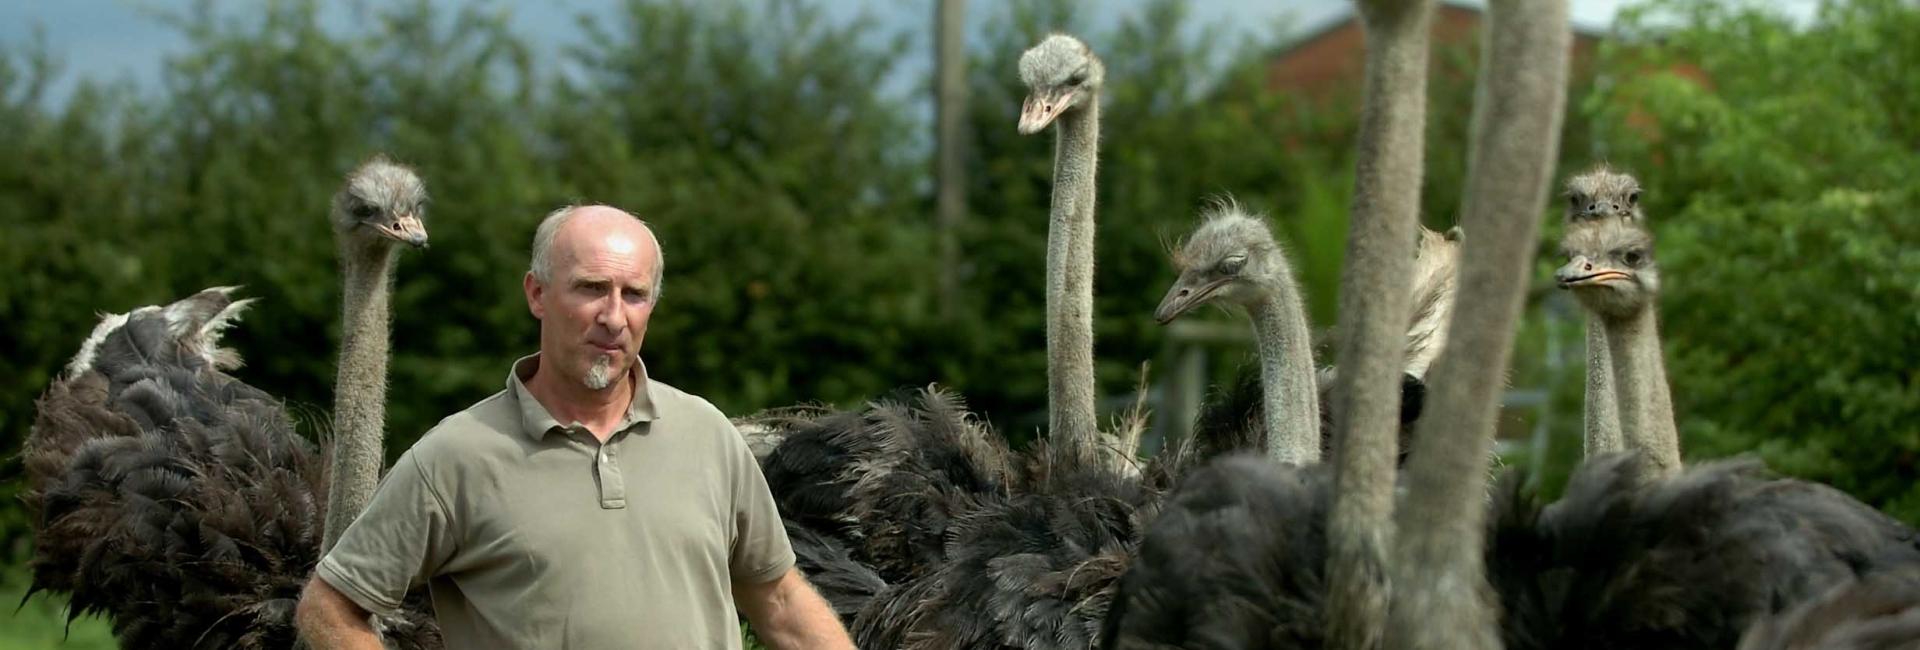 contact ostrich farm world belgium